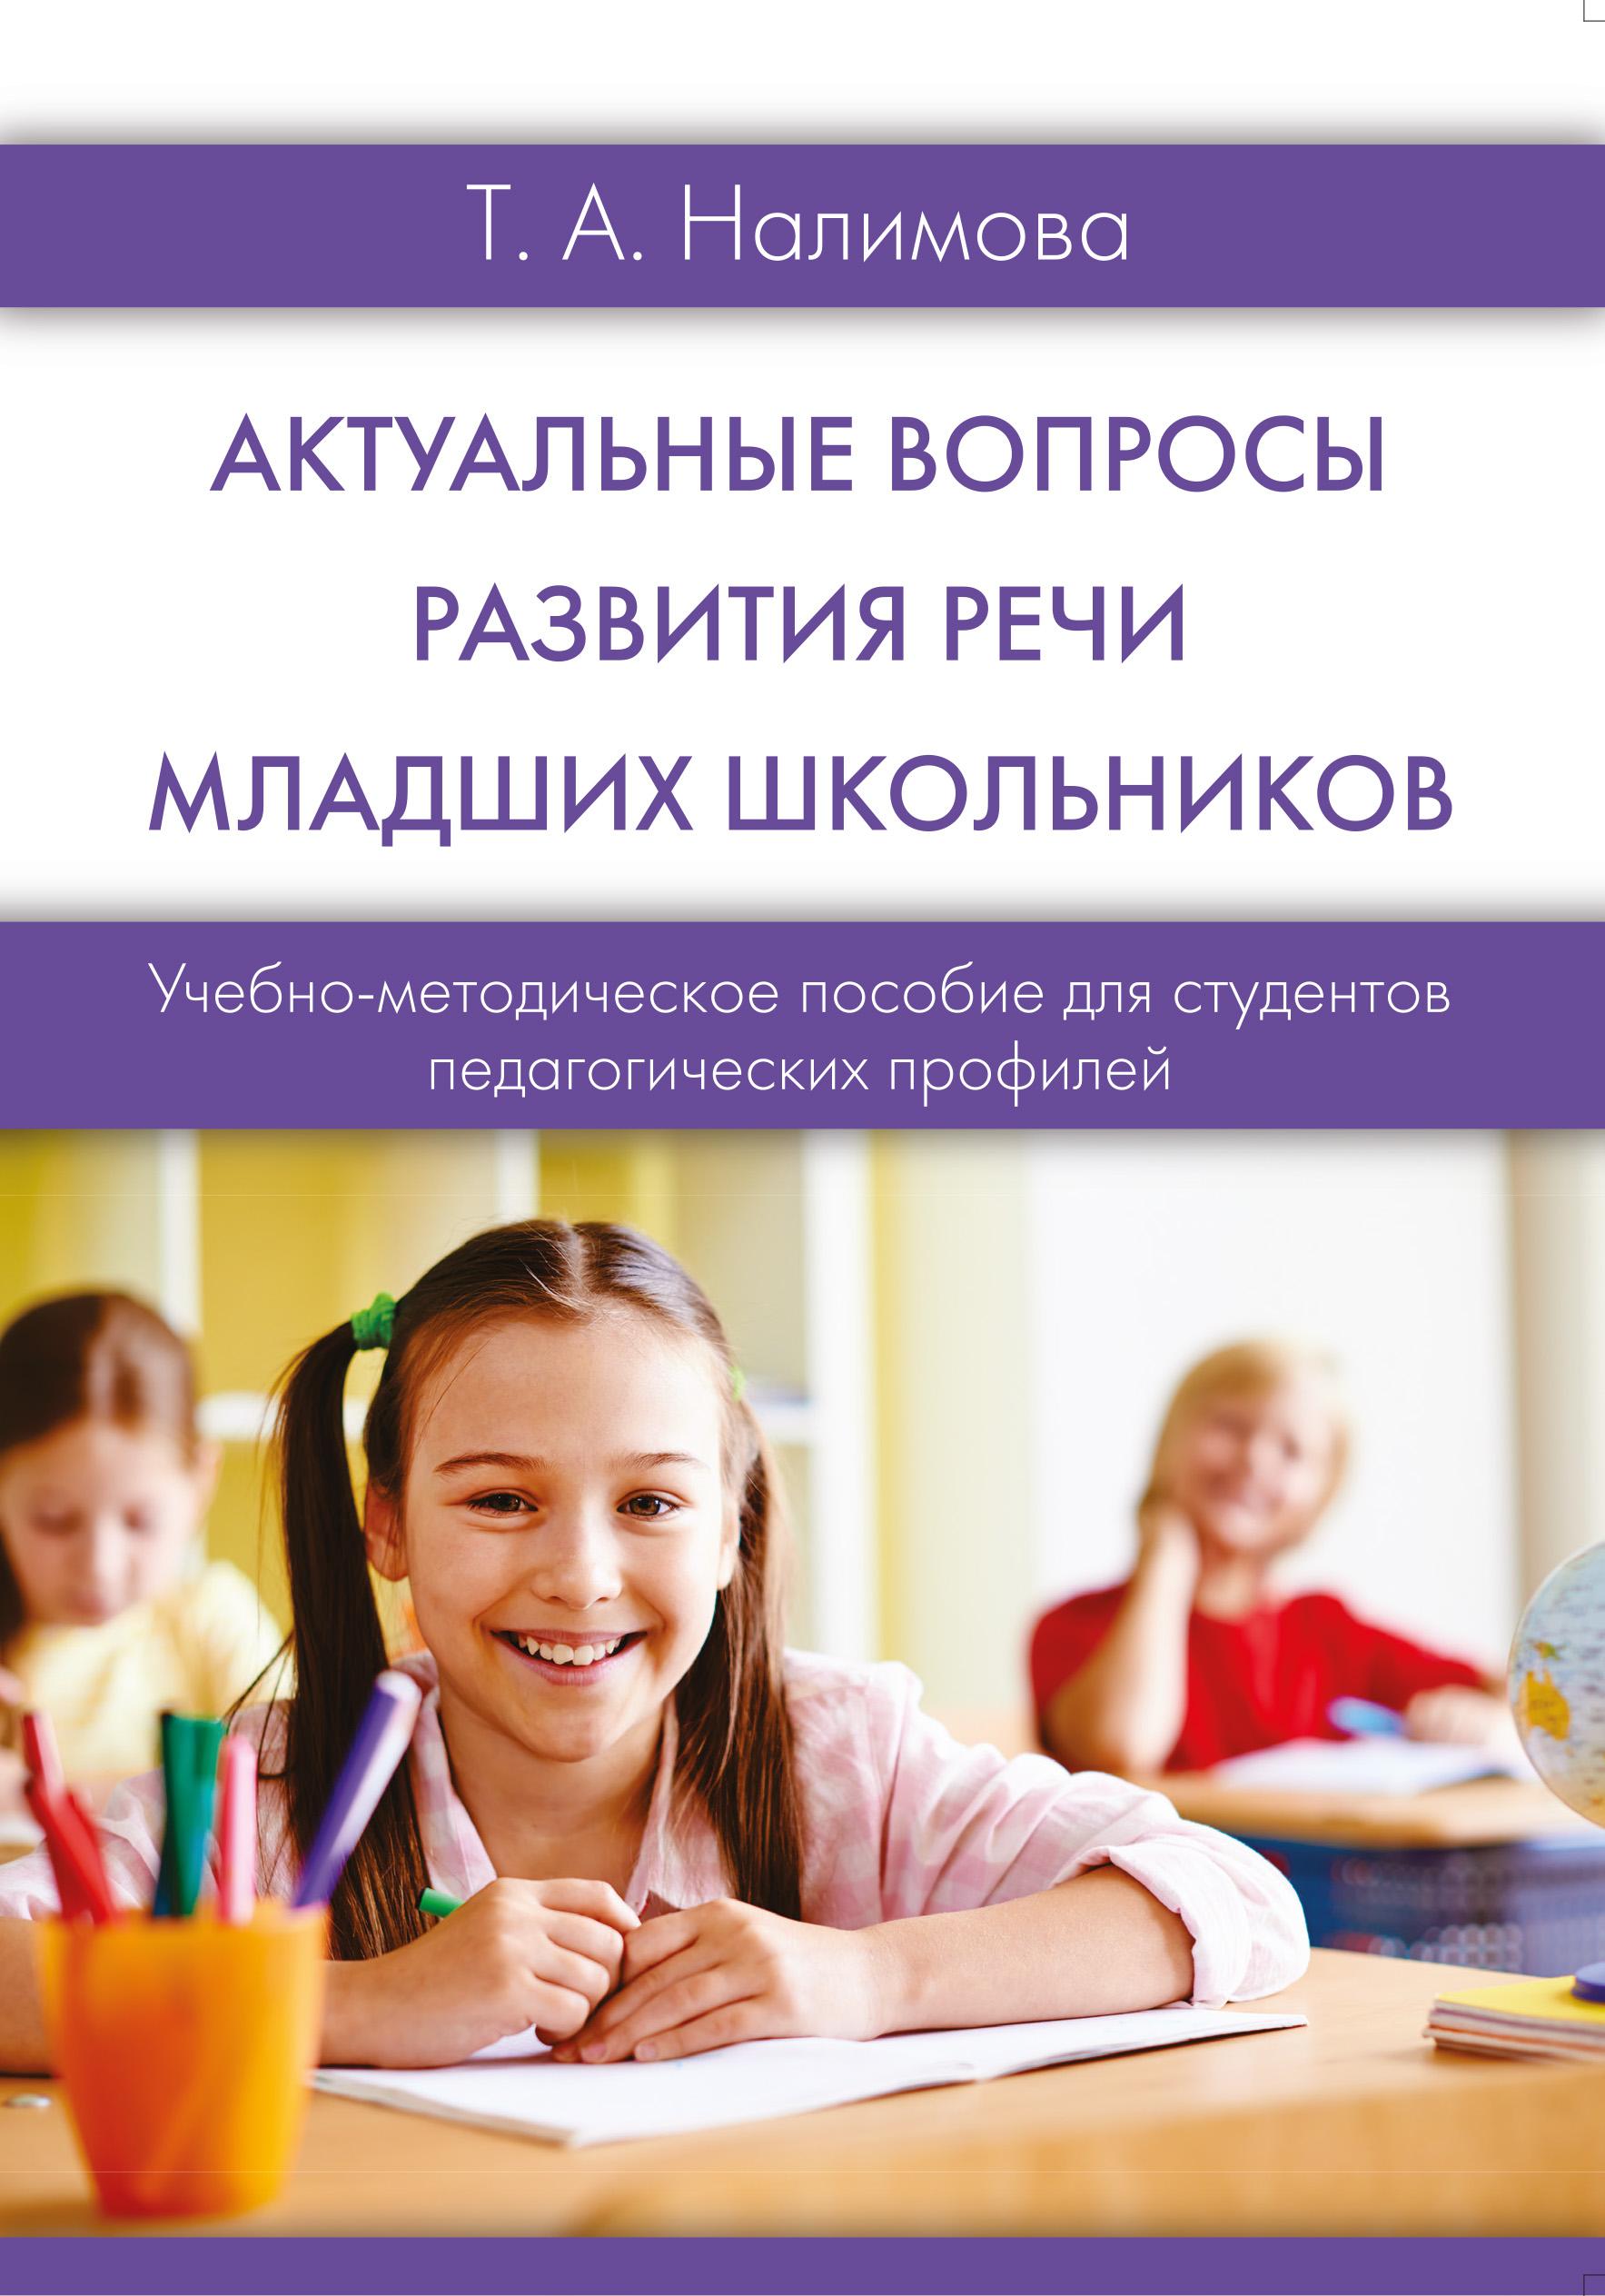 Татьяна Налимова Актуальные вопросы развития речи младших школьников